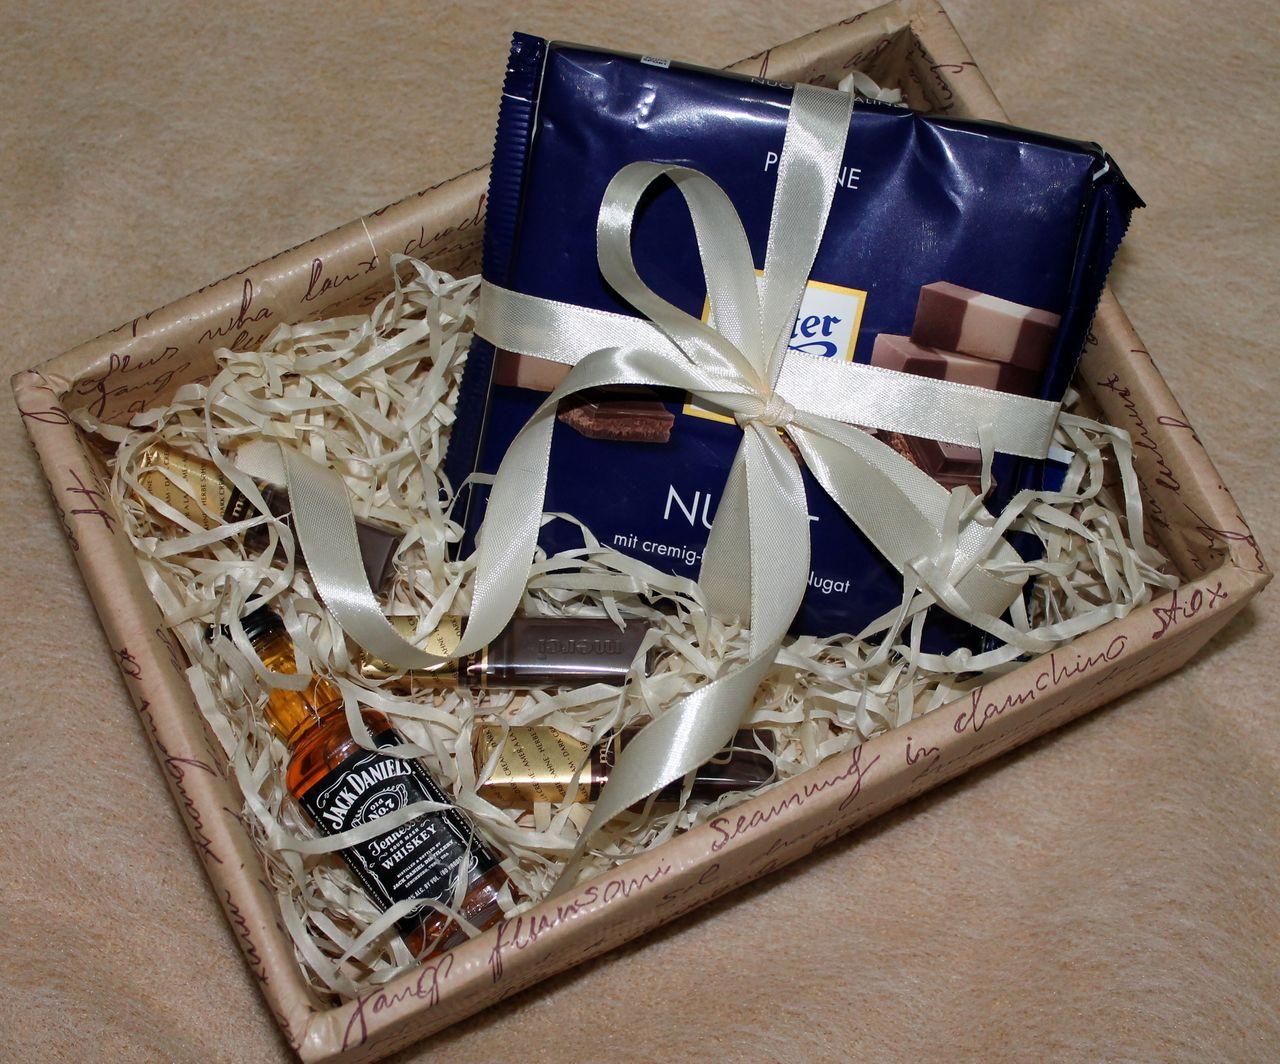 общежитие, приют подарок для мужчины в коробочке фото городе орле живёт